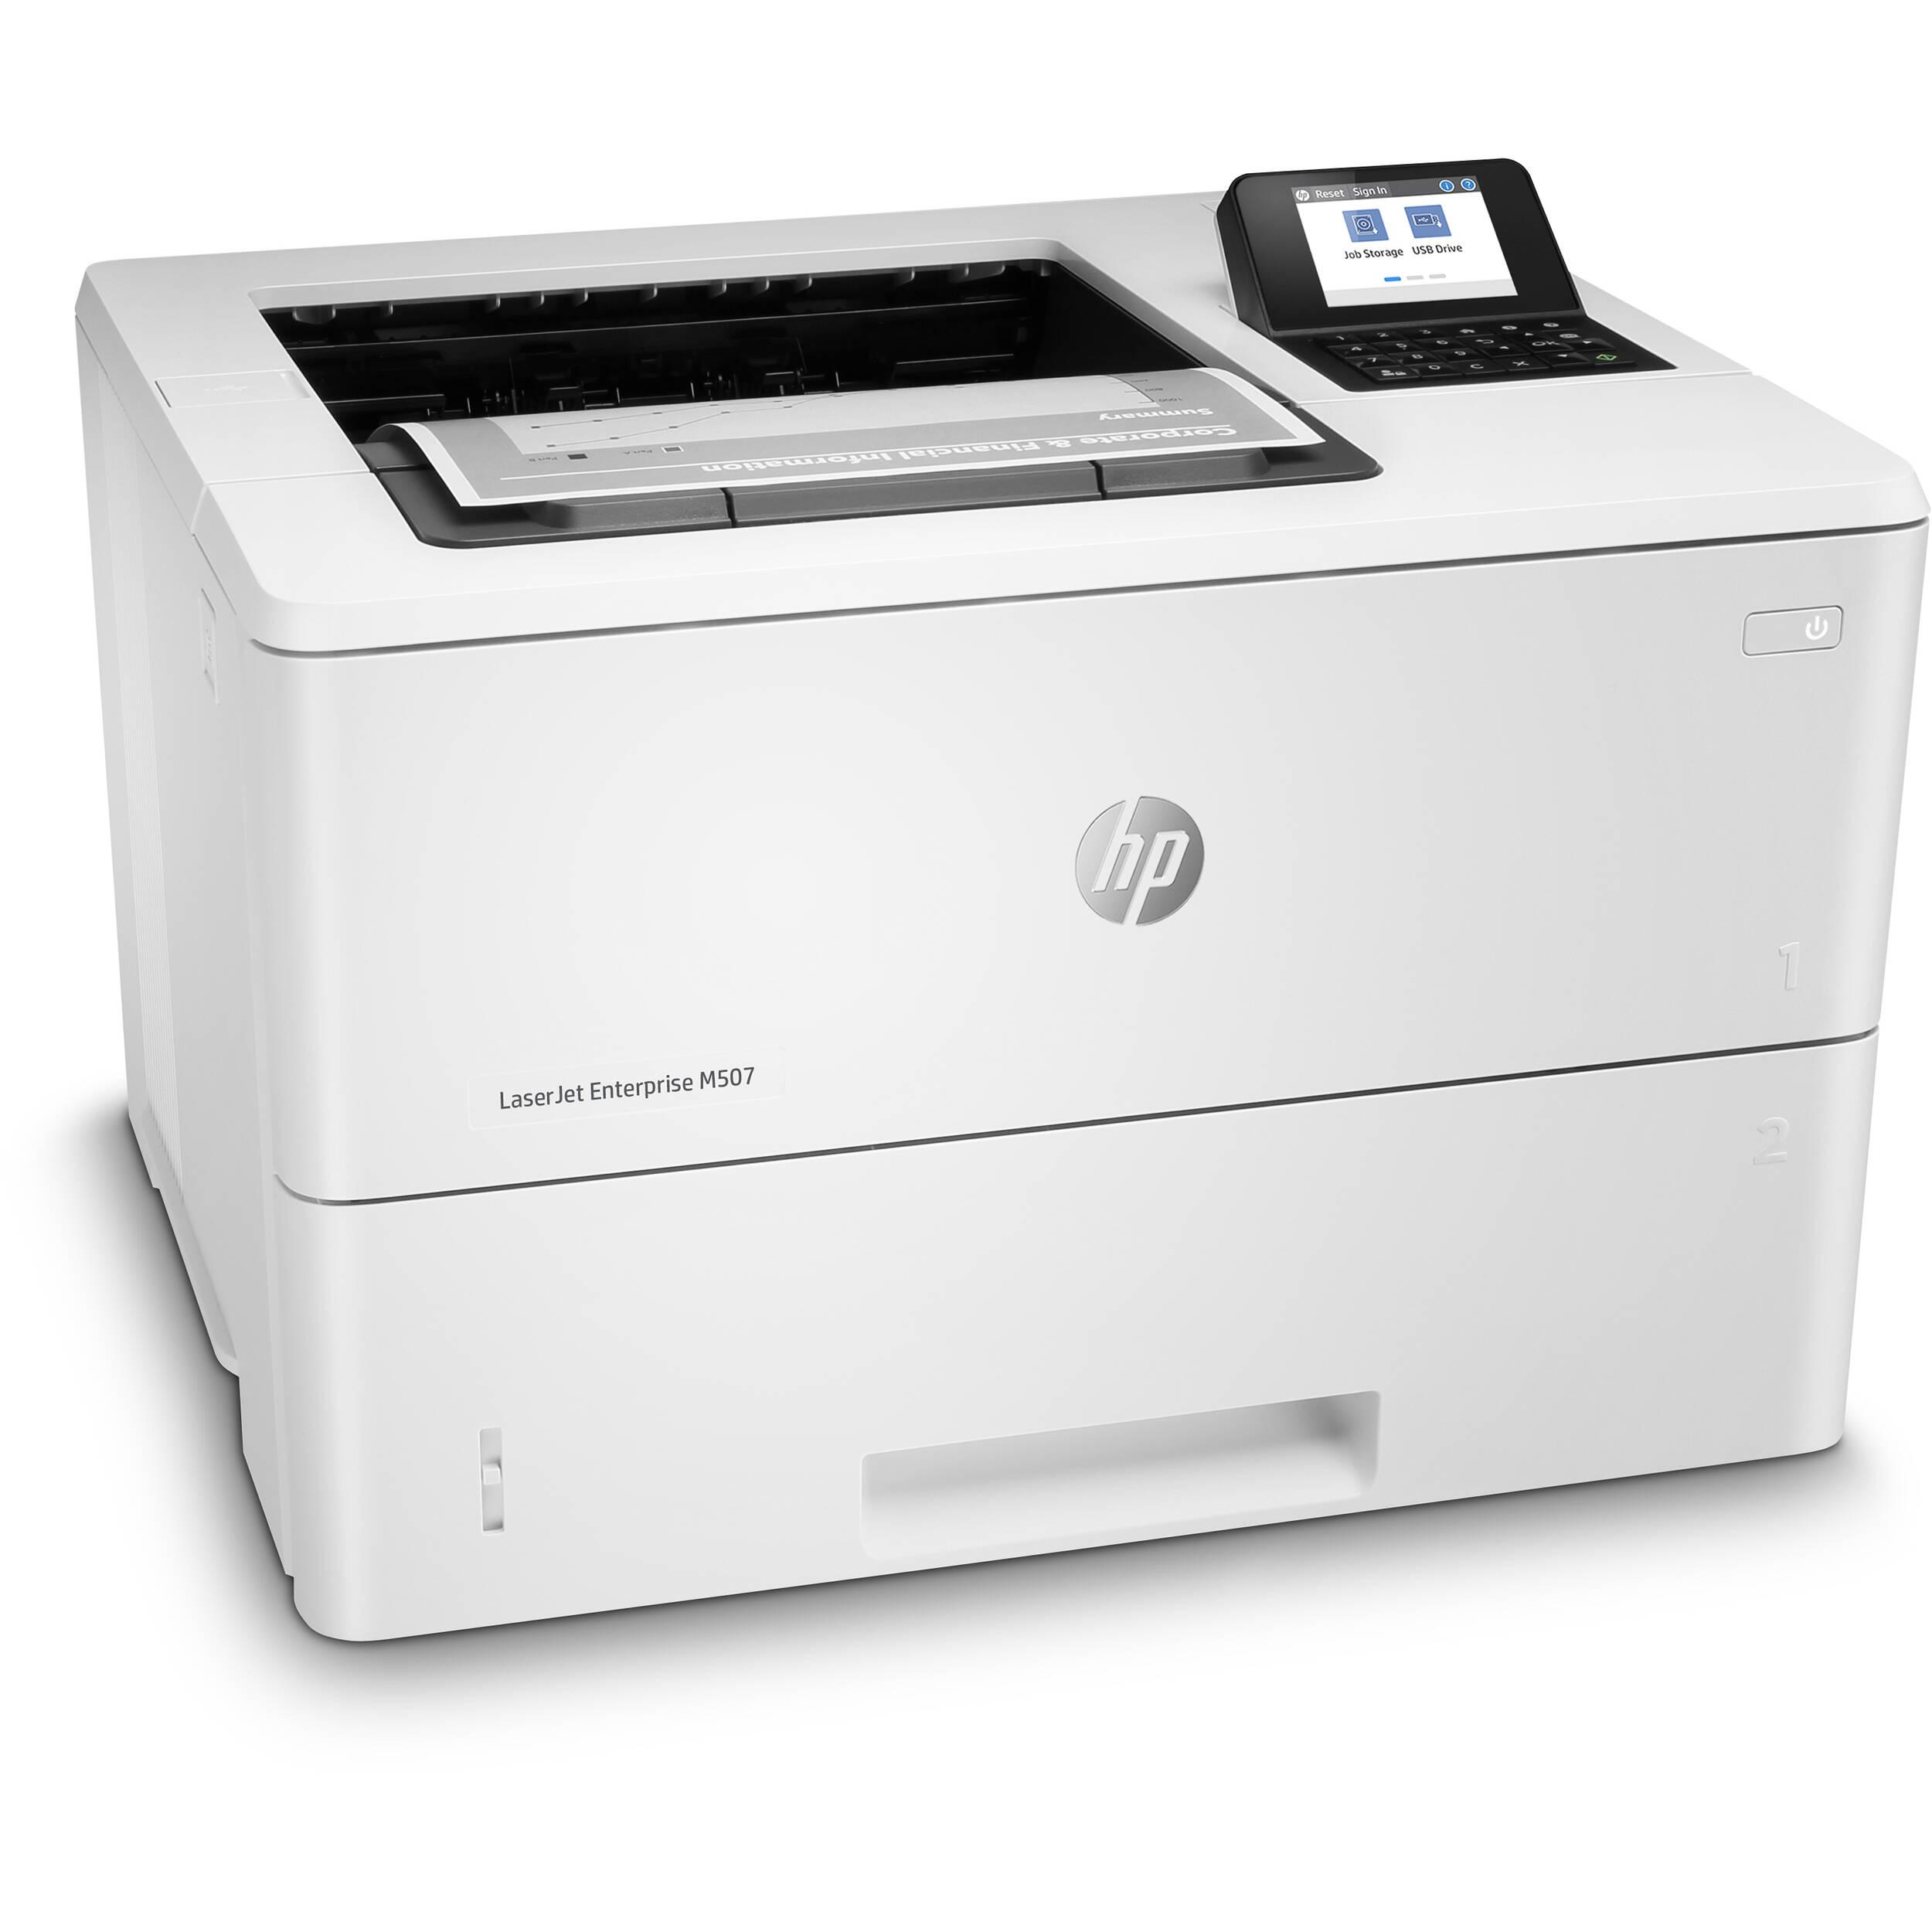 HP LaserJet Enterprise M507dn Monochrome Printer 1PV87A#BGJ B&H